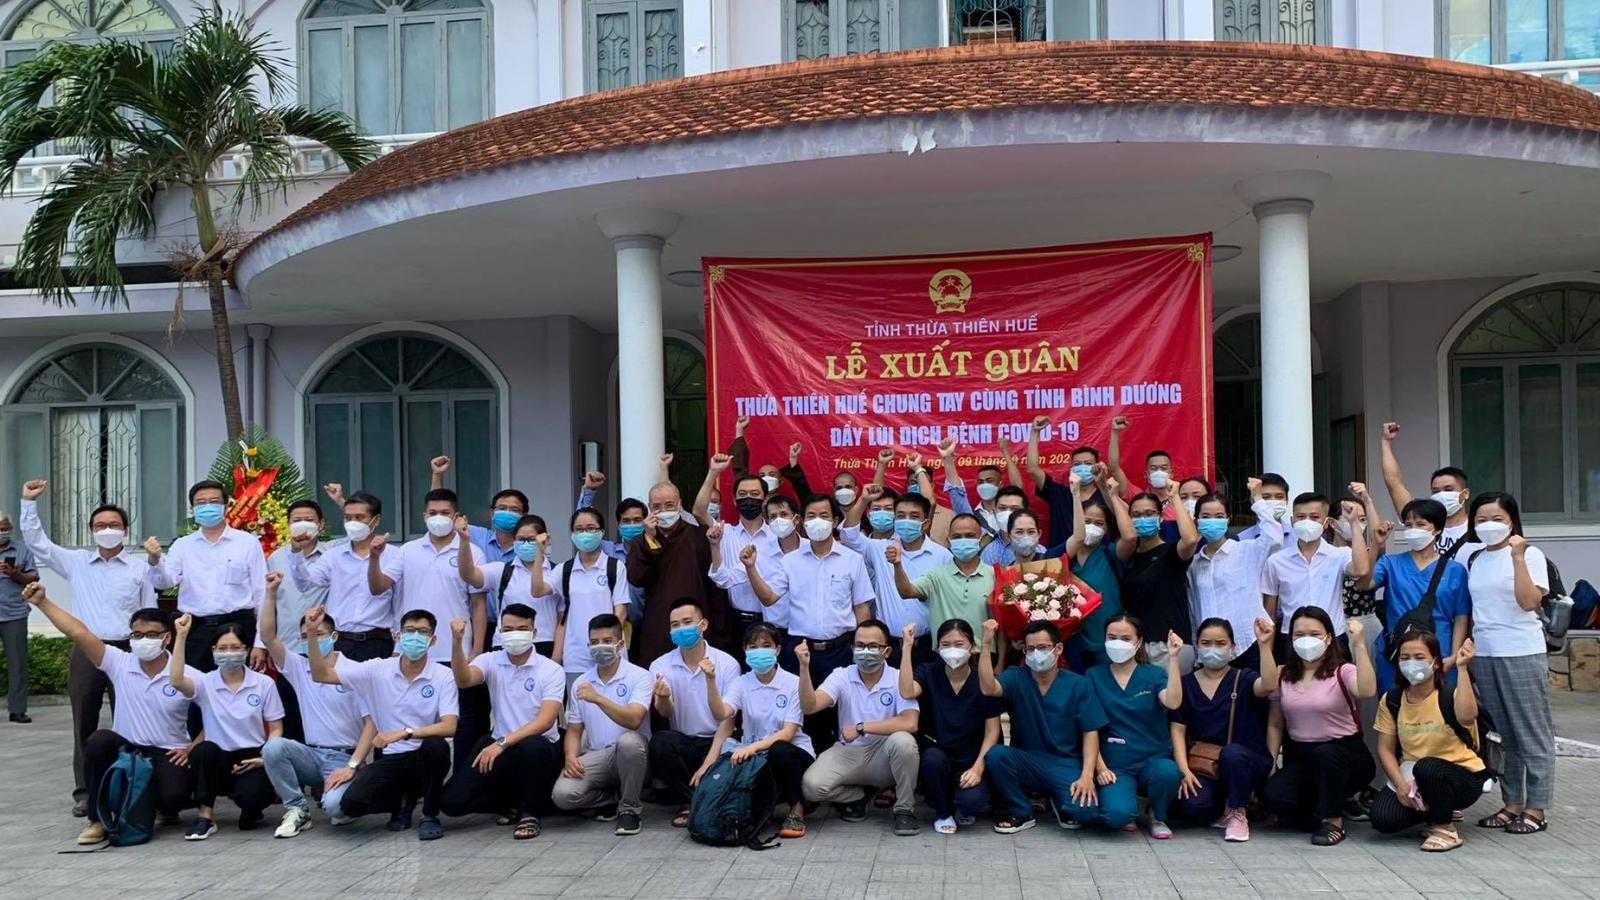 Tăng, ni ở Thừa Thiên – Huế tham gia hỗ trợ Bình Dương chống dịch